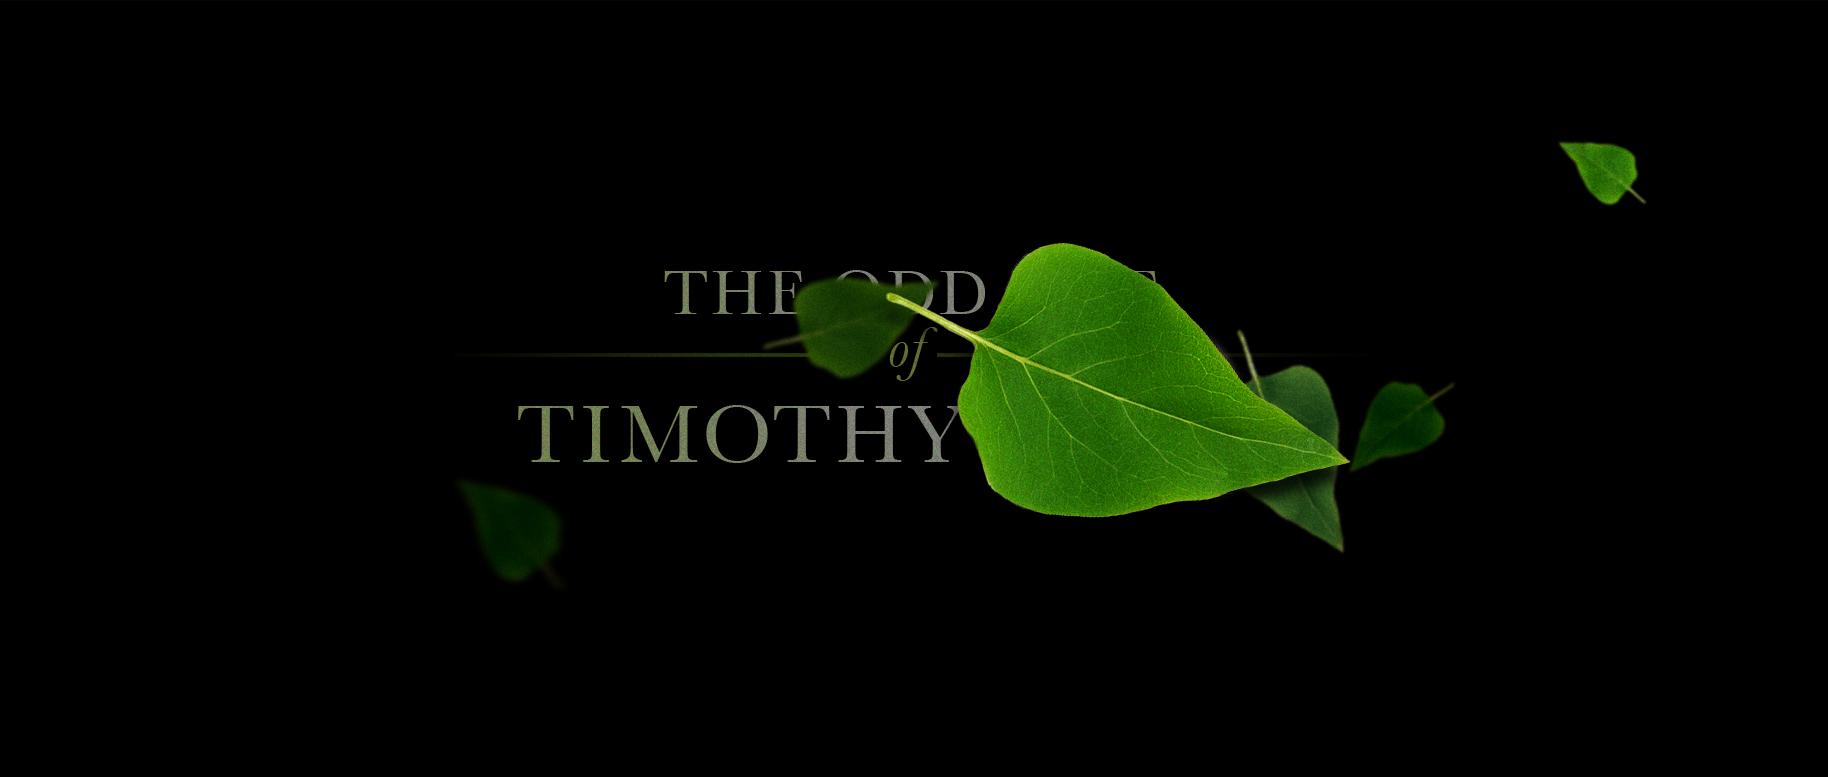 TIM_leafFloat_gk_06